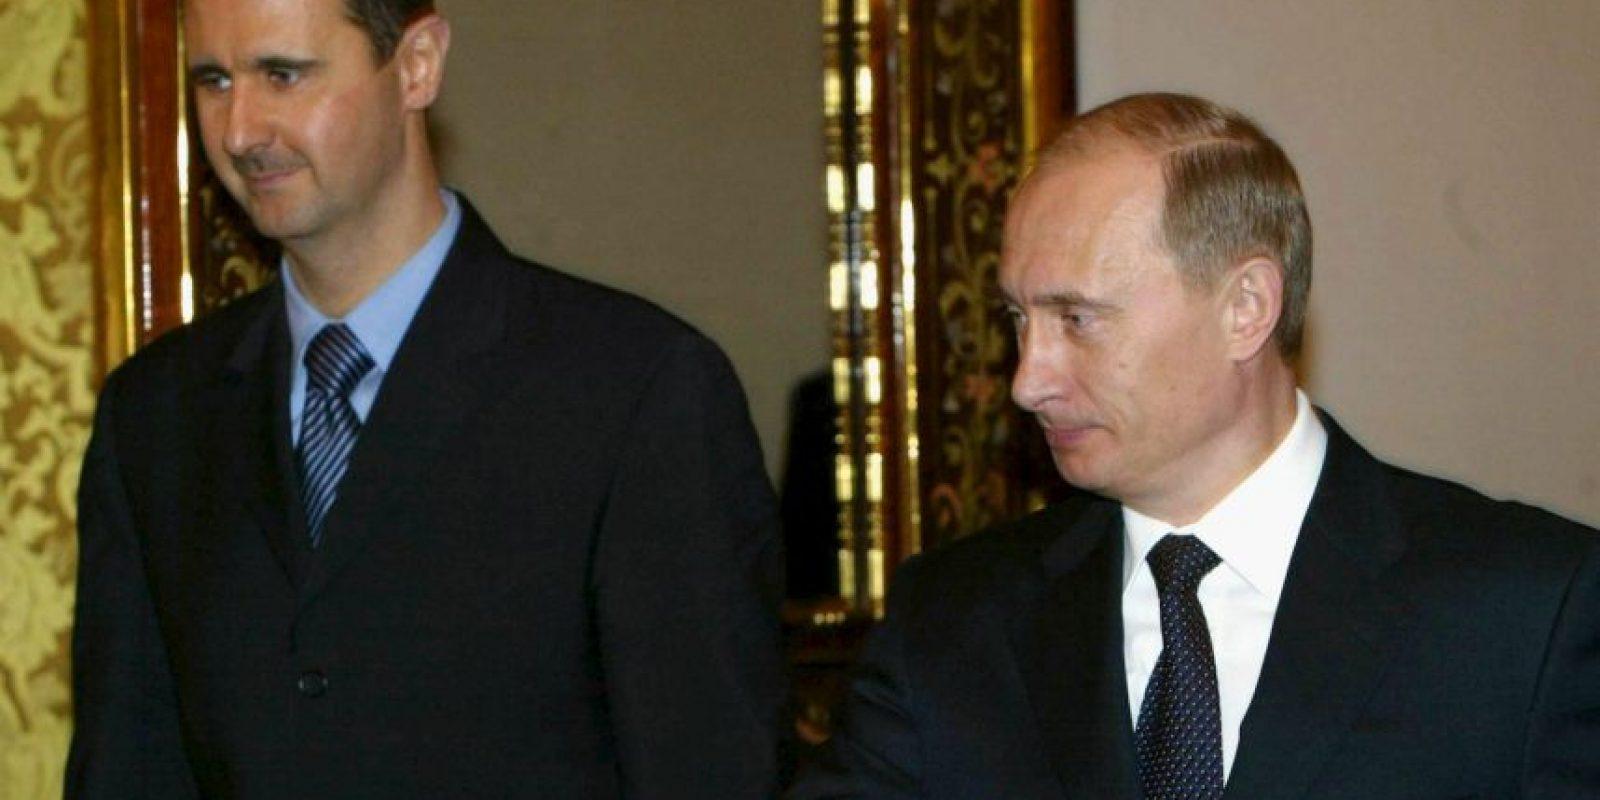 La administración rusa comenzó sus ataques aéreos contra el conflicto en Siria desde hace una semana. Foto:Getty Images